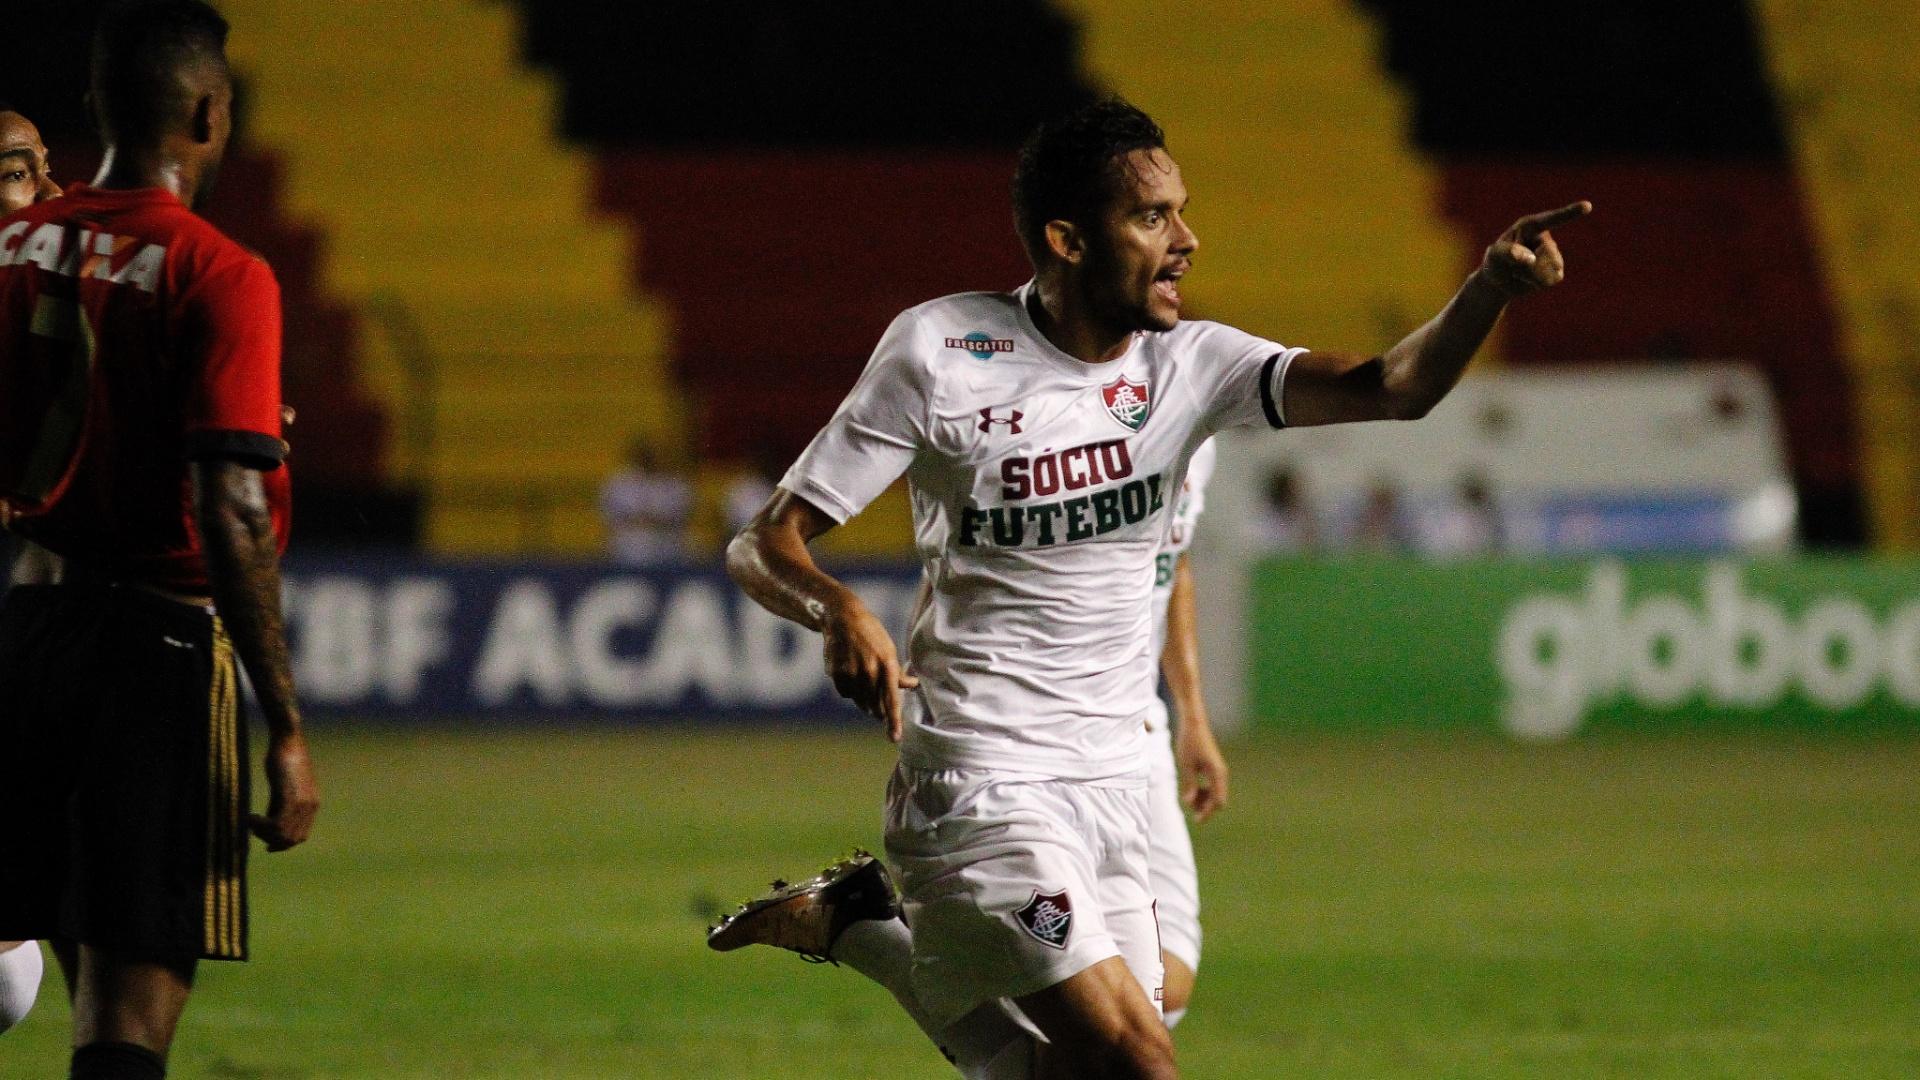 Gustavo Scarpa volta a marcar pelo Fluminense após longo jejum de gols